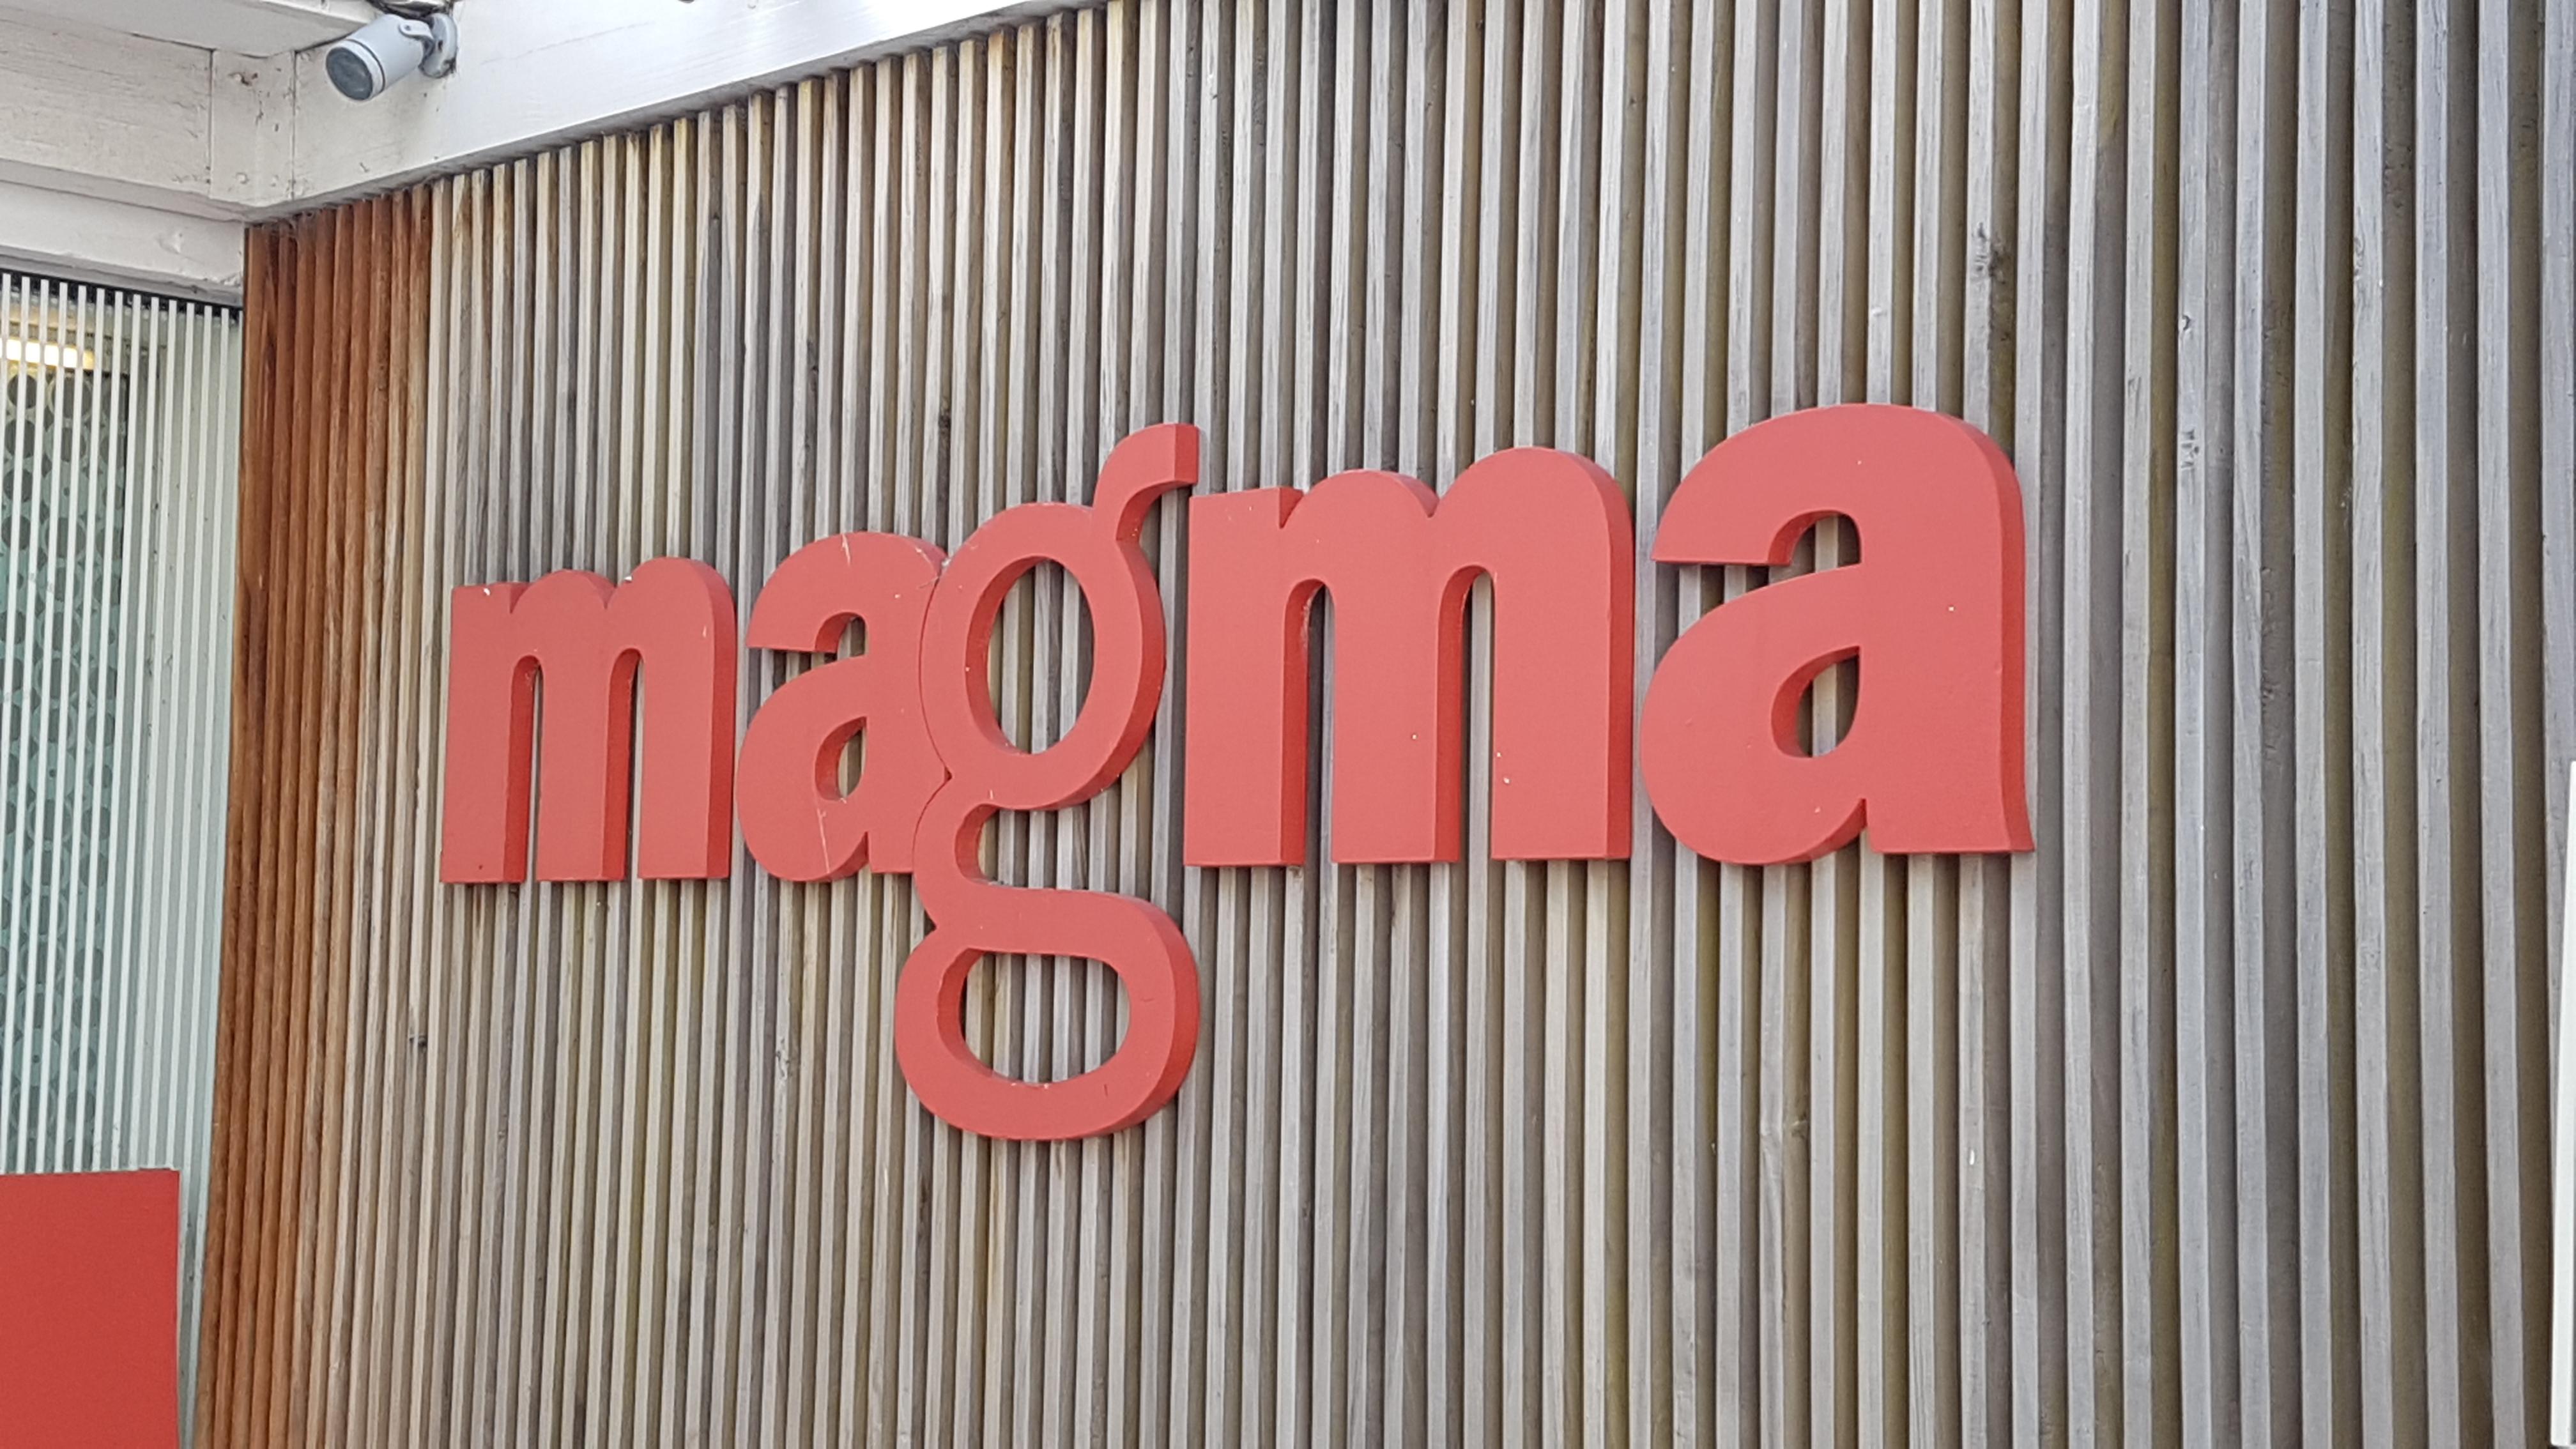 +Letra-caixa - Magma